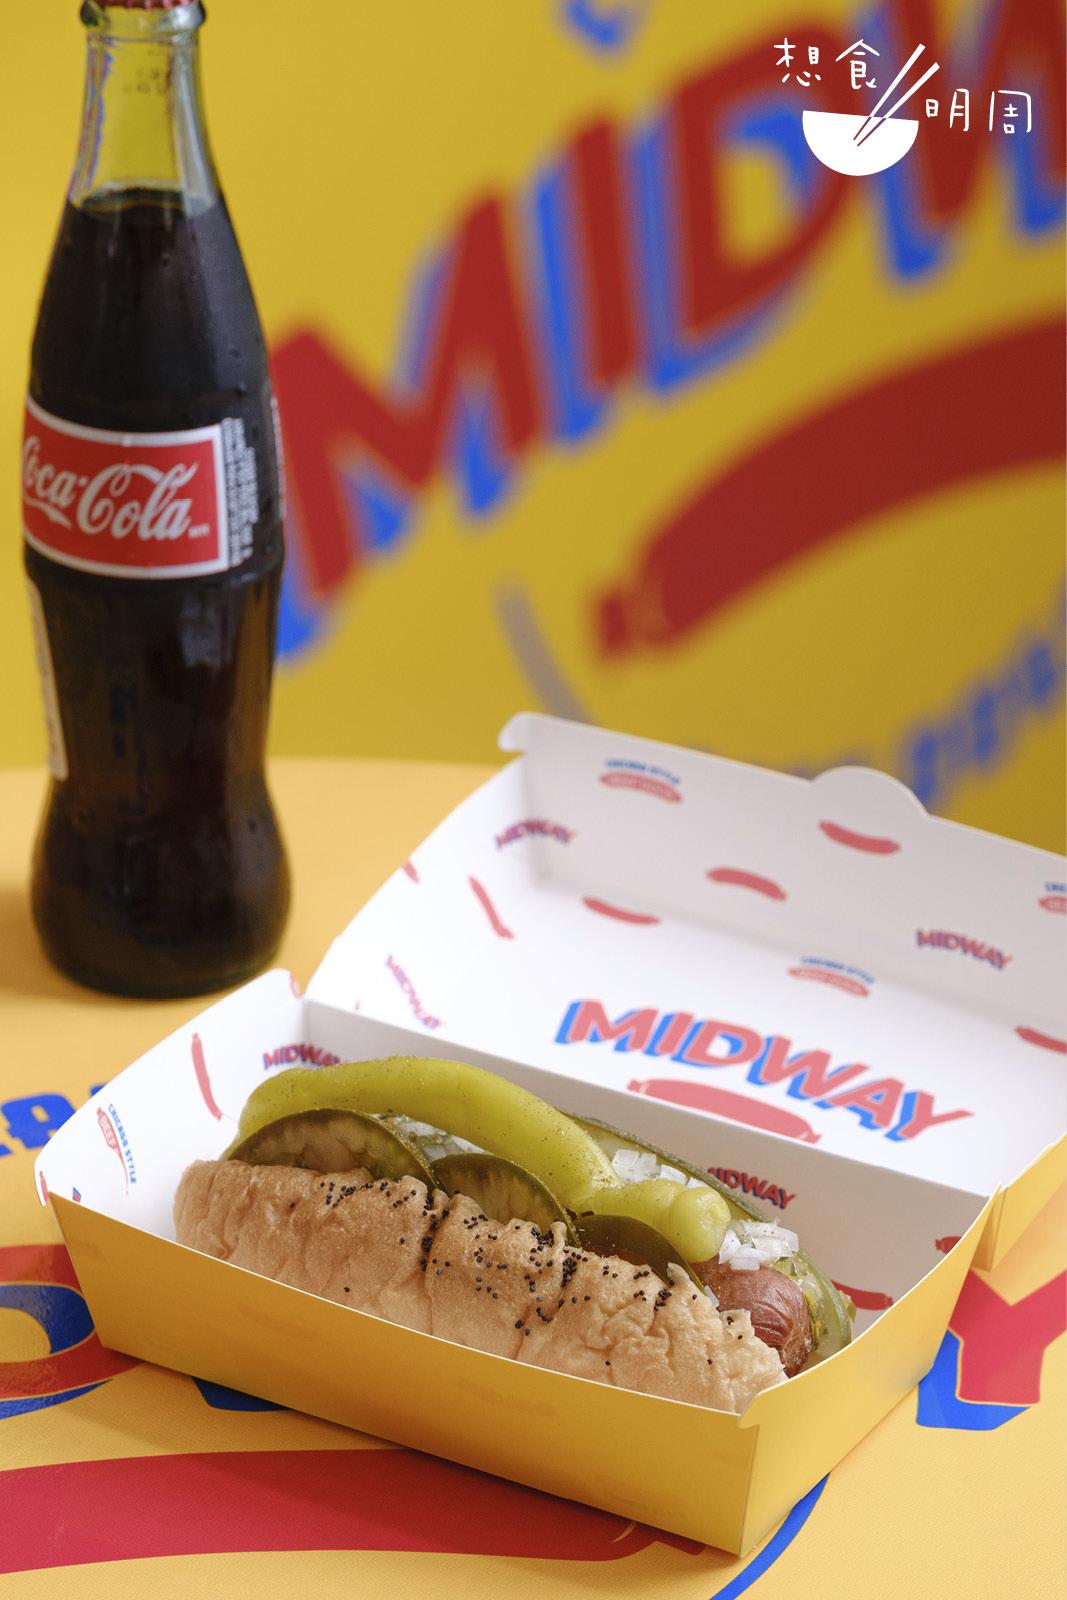 不少外籍人士說,這Chicago style beef hoy dog有家鄉的味道!($40)順帶一提,店內有提供來自墨西哥、採用天然蔗糖製成的可樂!($40)